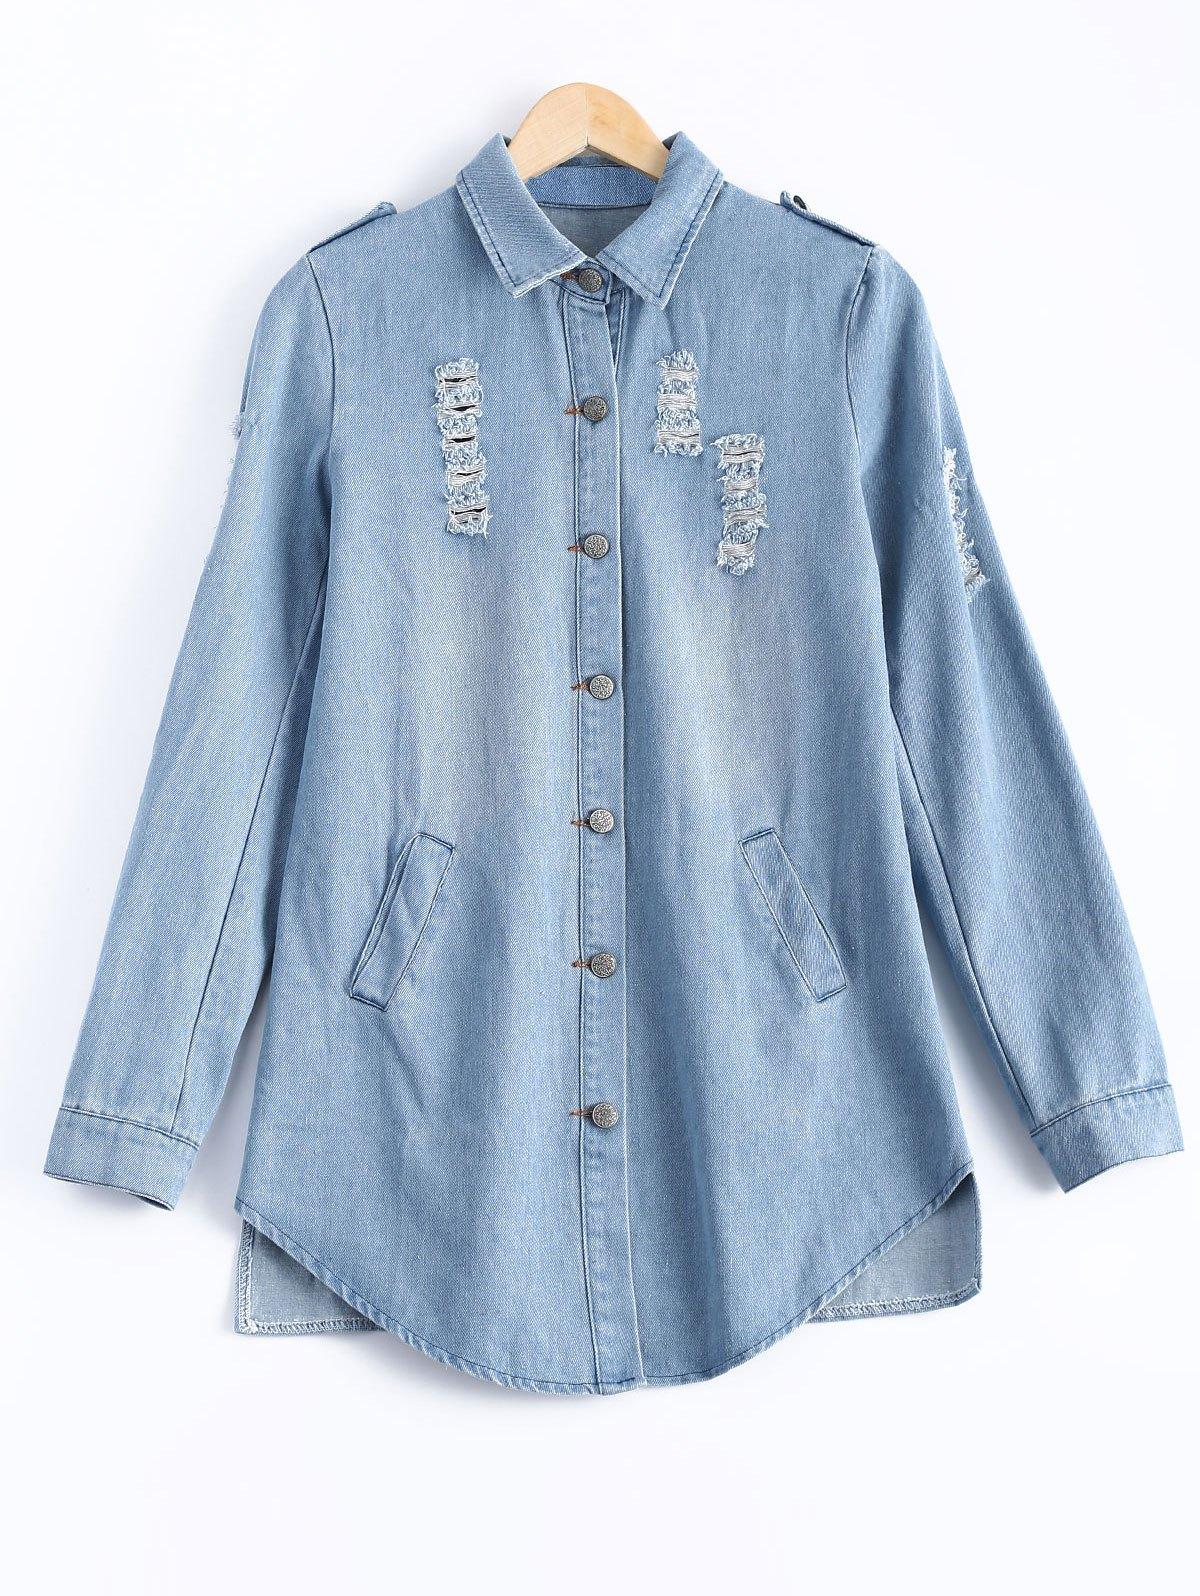 Button Design Wash Bleach Ripped Denim Shirt